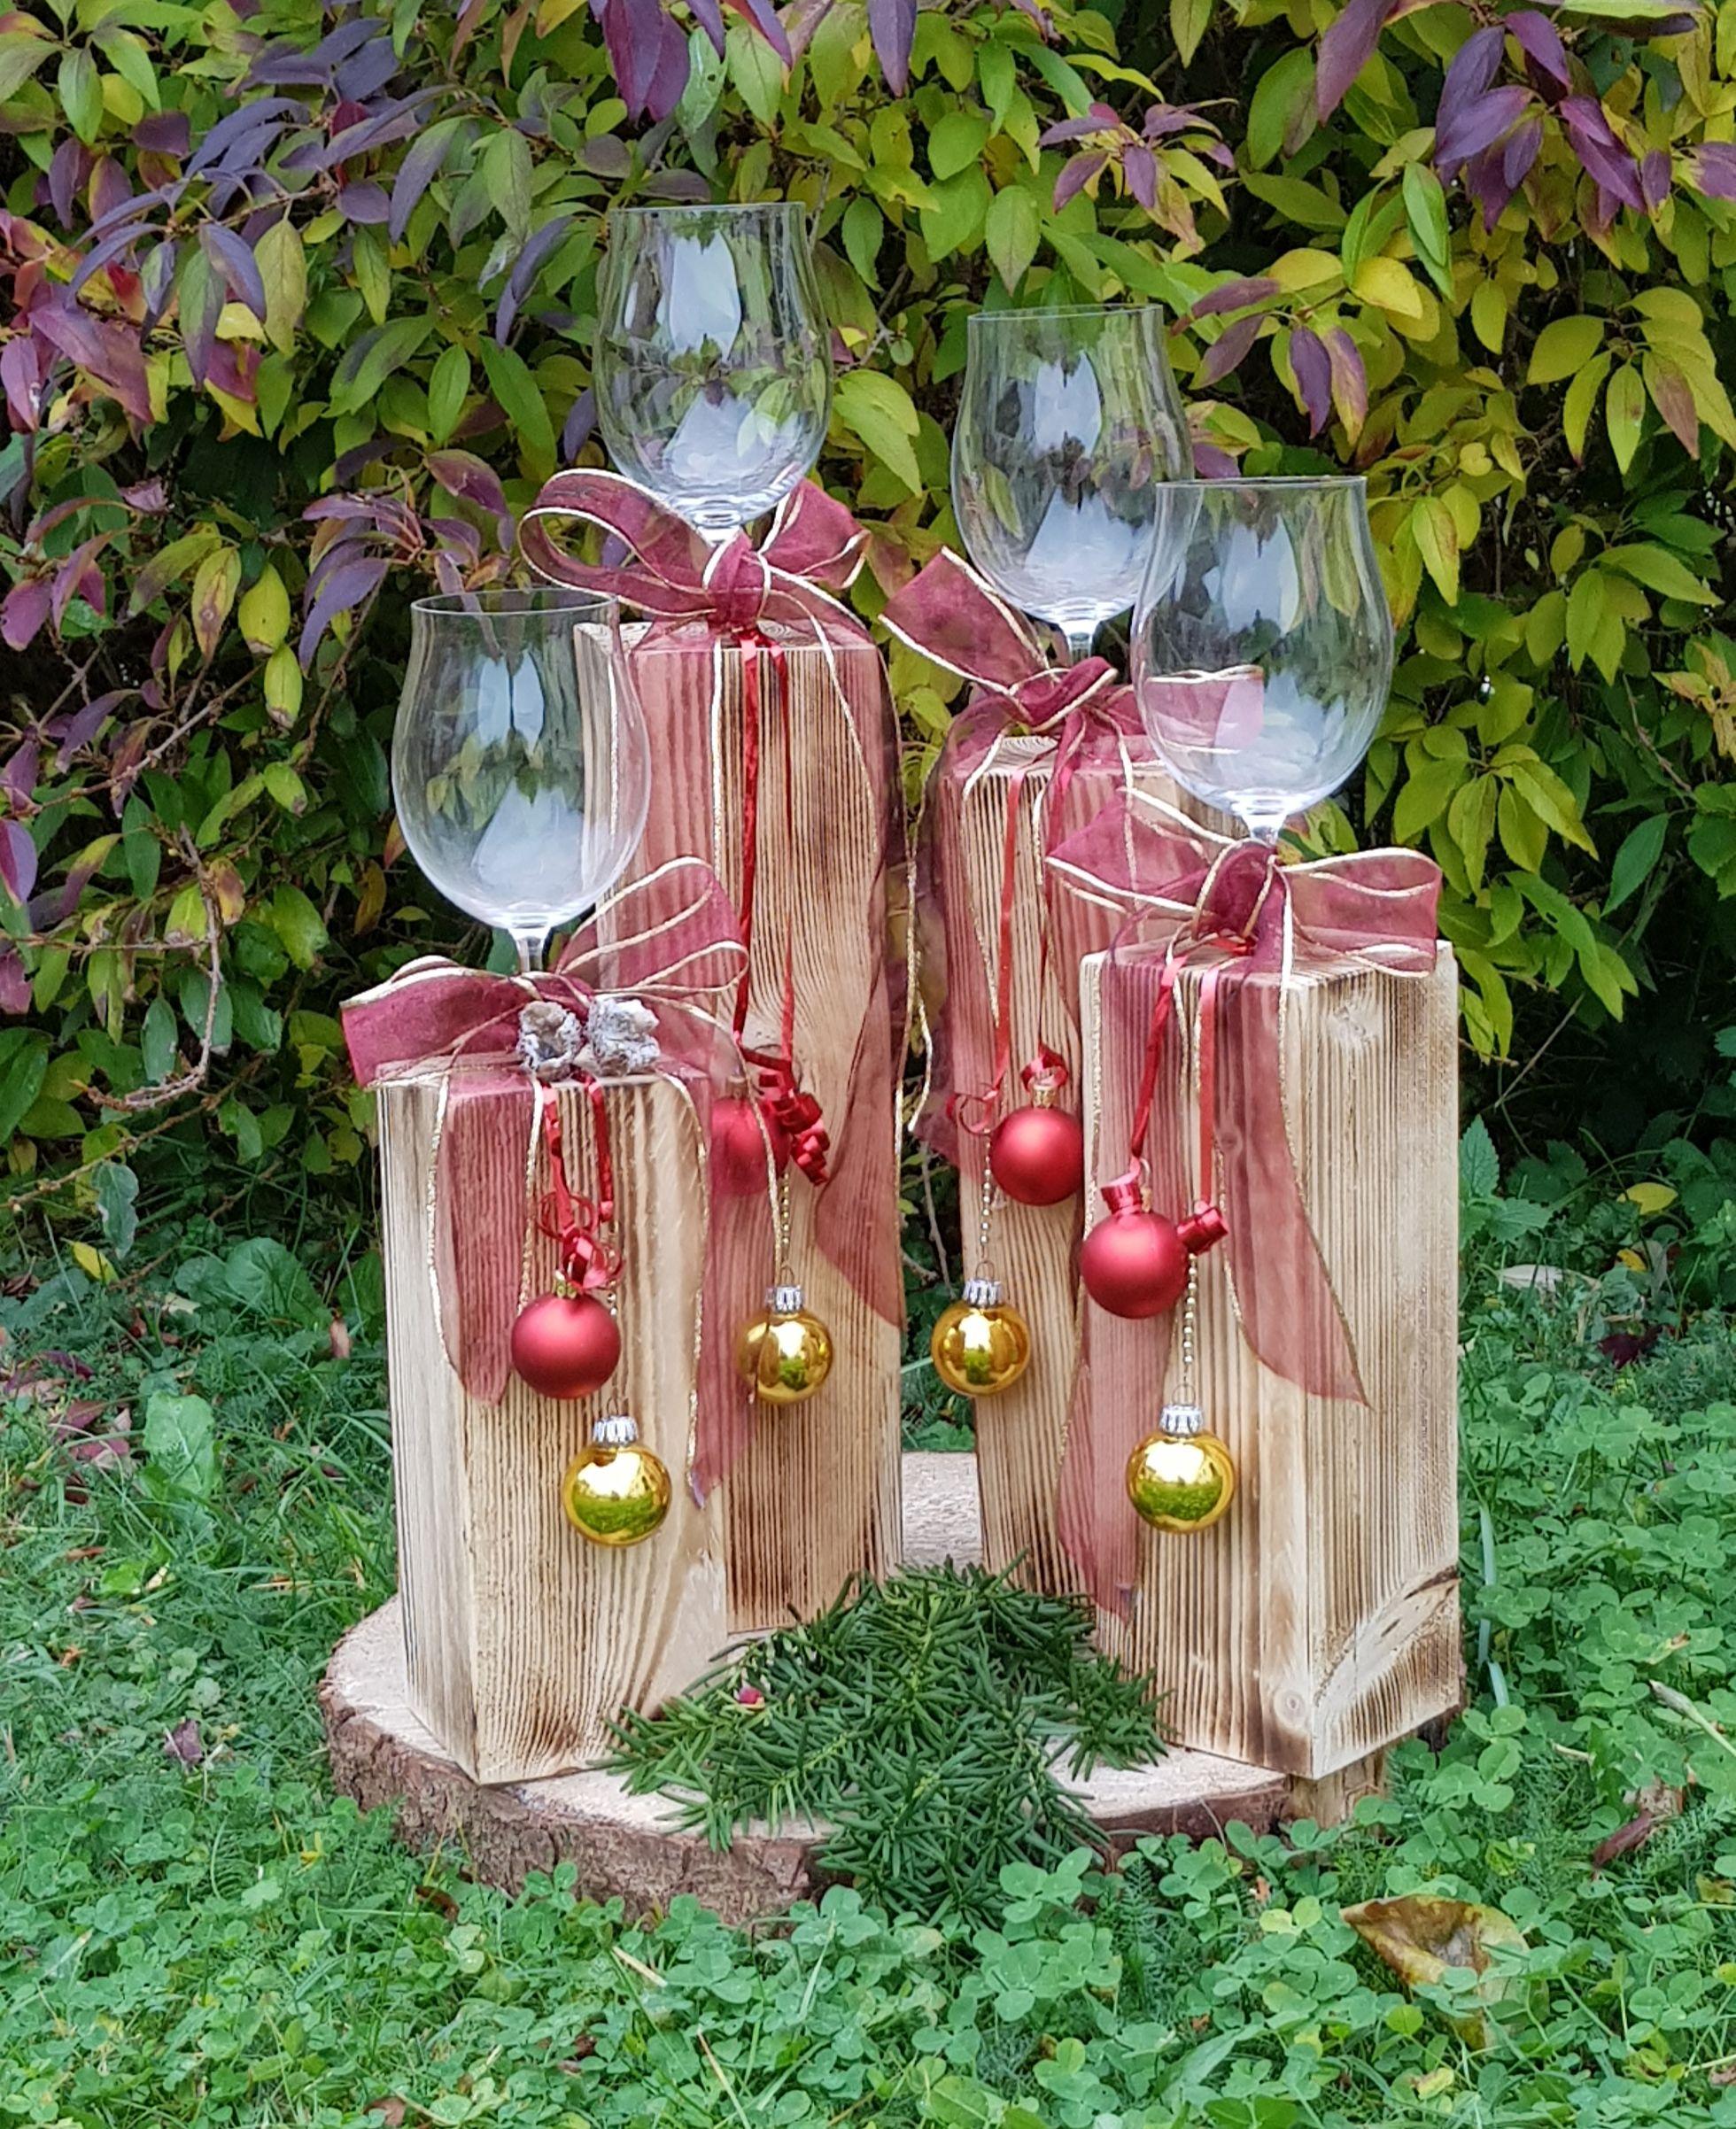 Schwebende Glaser Aus Der Werkstatt Von Didi S Restekiste Holzarbeiten Zu Weihnachten Deko Weihnachten Weihnachten